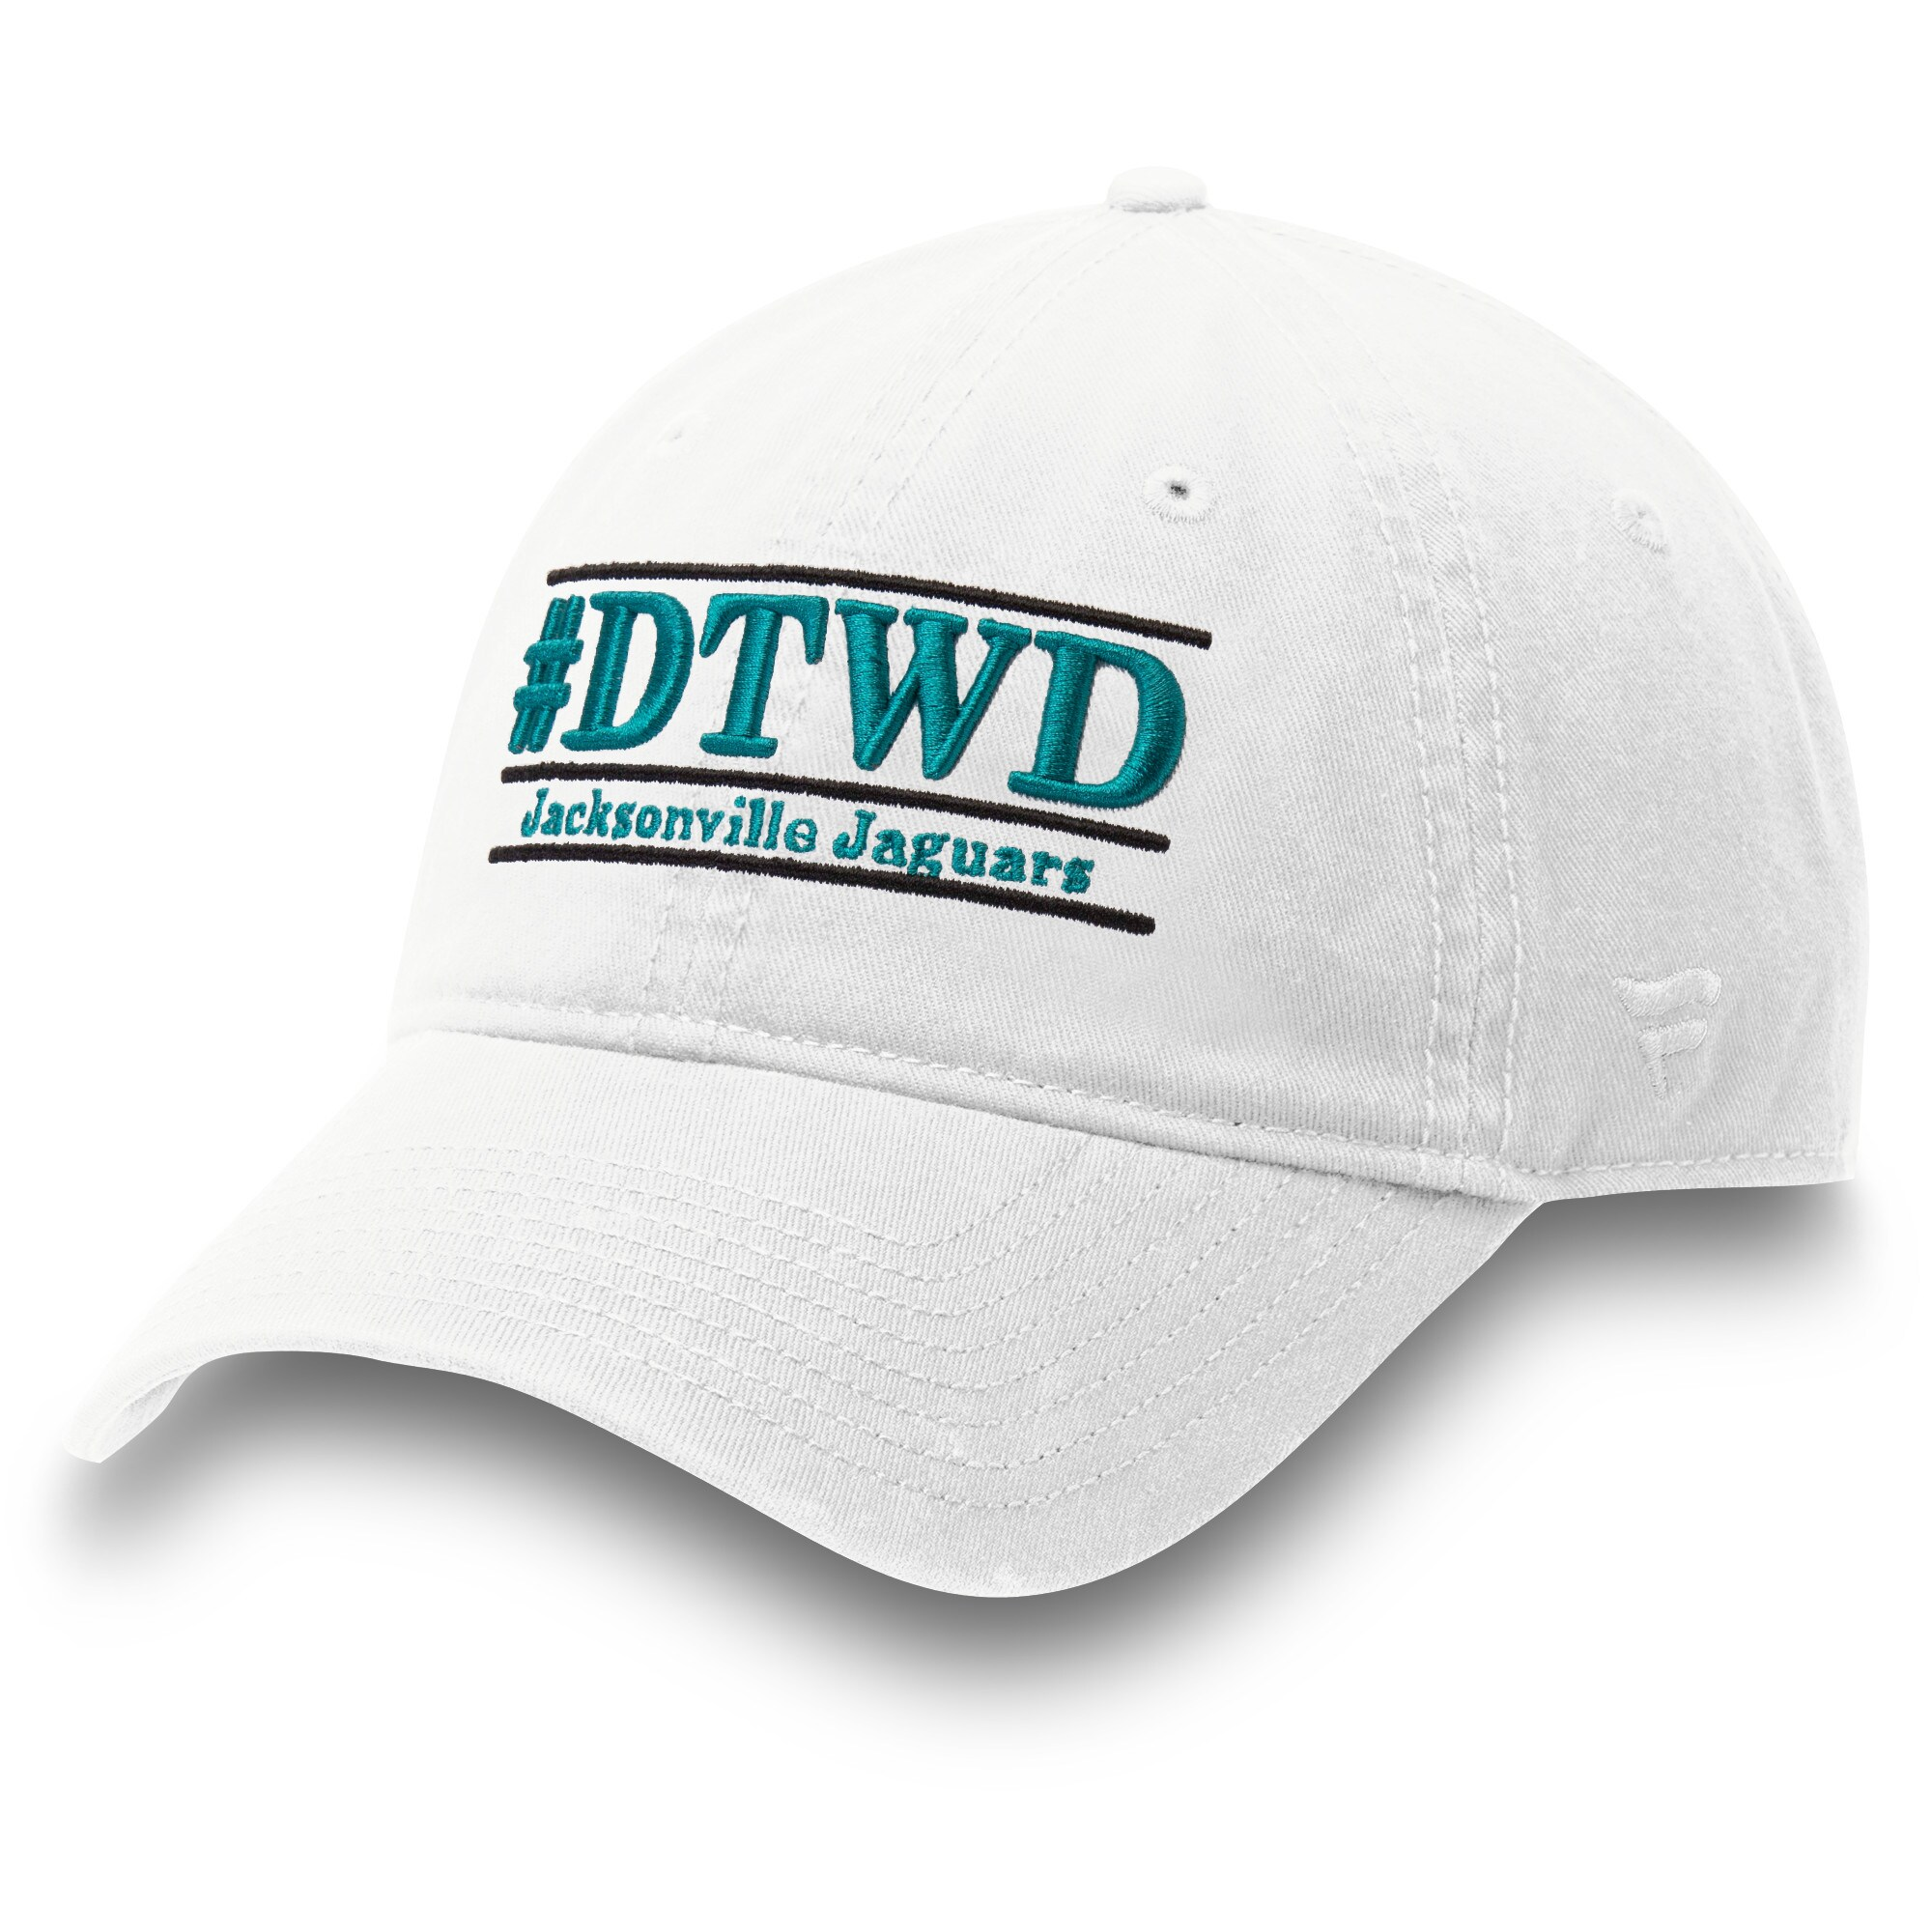 Jacksonville Jaguars NFL Pro Line by Fanatics Branded #DTWD Nickname Bar Adjustable Hat - White